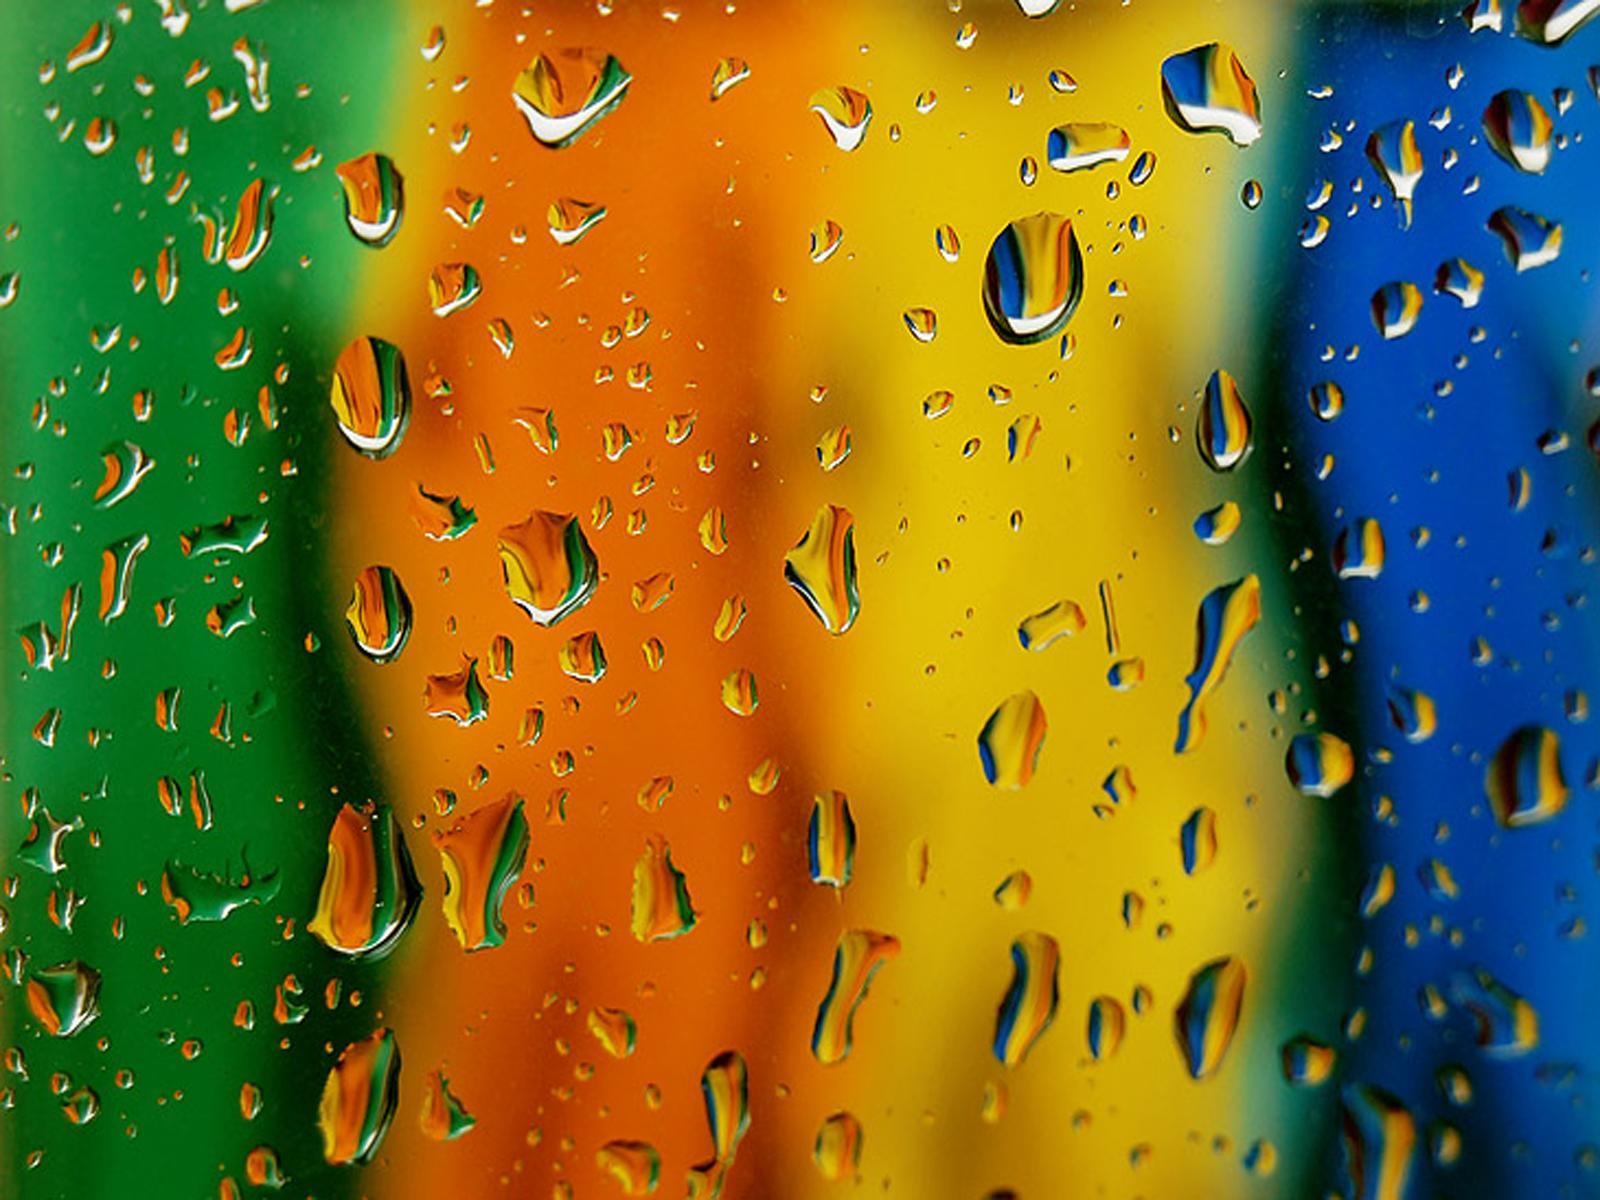 радуга за стеклом, капли воды. брызги воды на стекле. скачать фото, обои для рабочего стола